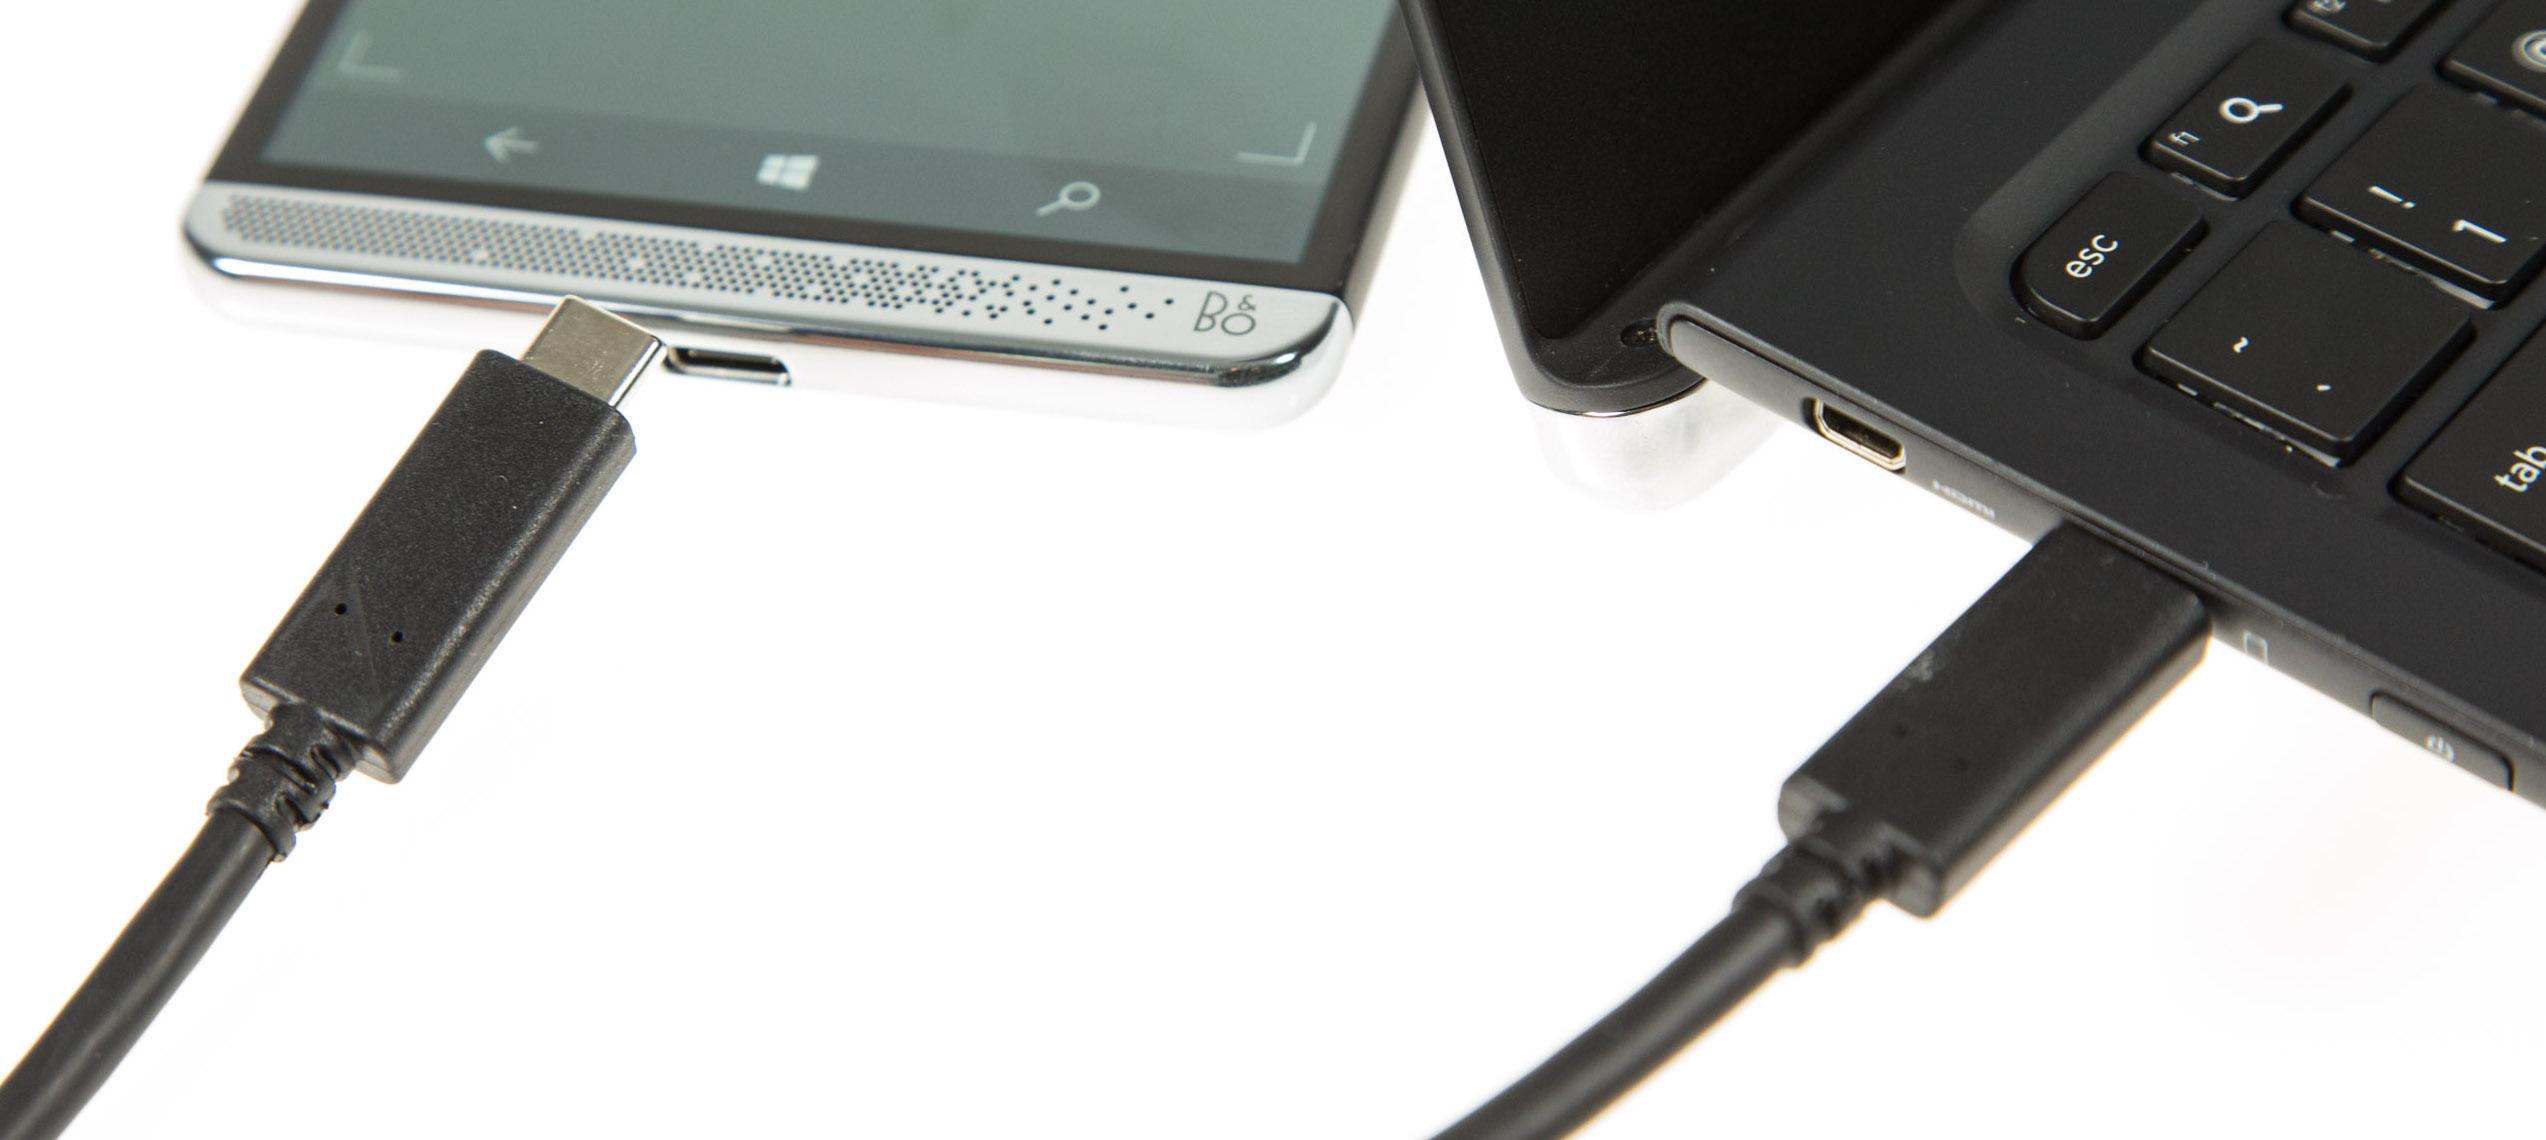 HP Lapdock im Test: Außen ein Notebook, innen ein Kompromiss - Das Host-Telefon wird per USB-Typ-C-Kabel angeschlossen. (Bild: Martin Wolf/Golem.de)